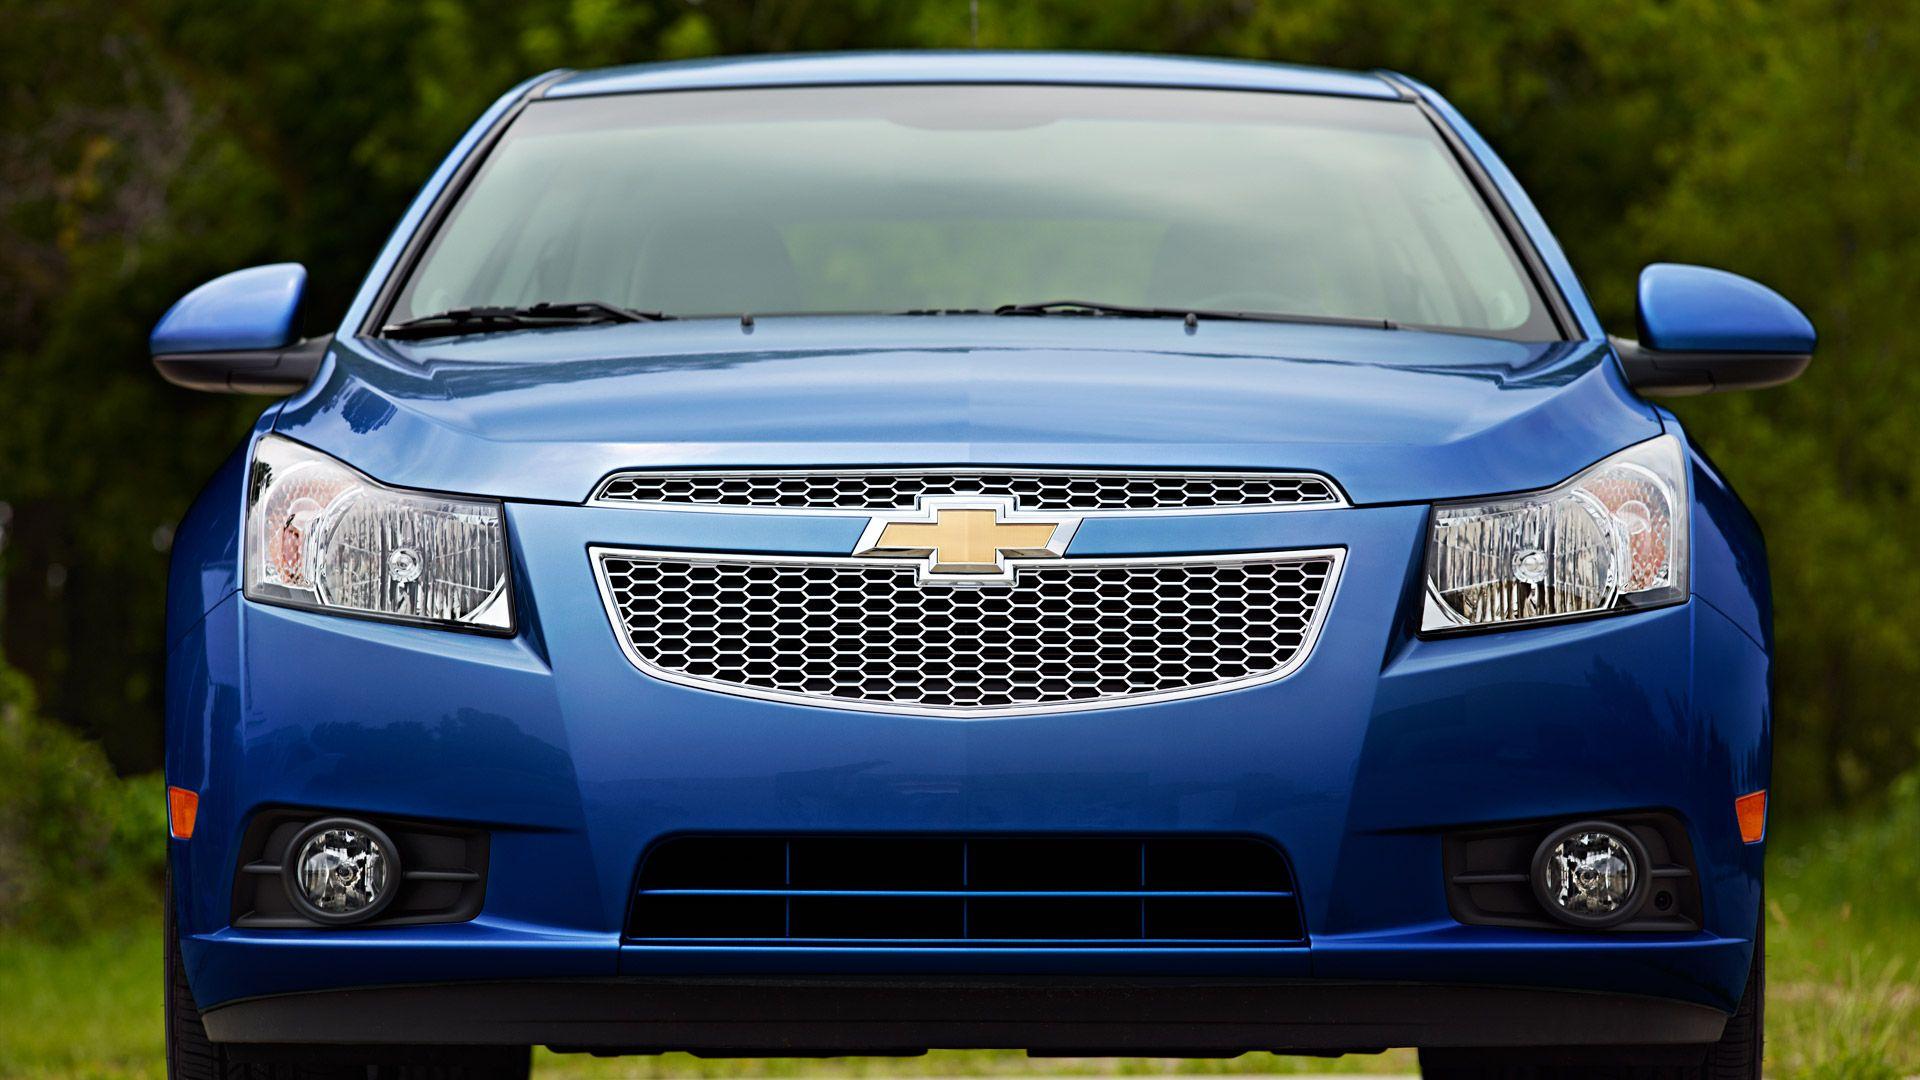 Chevrolet Cruze Chevrolet Cruze Venta De Autos Usados Venta De Autos